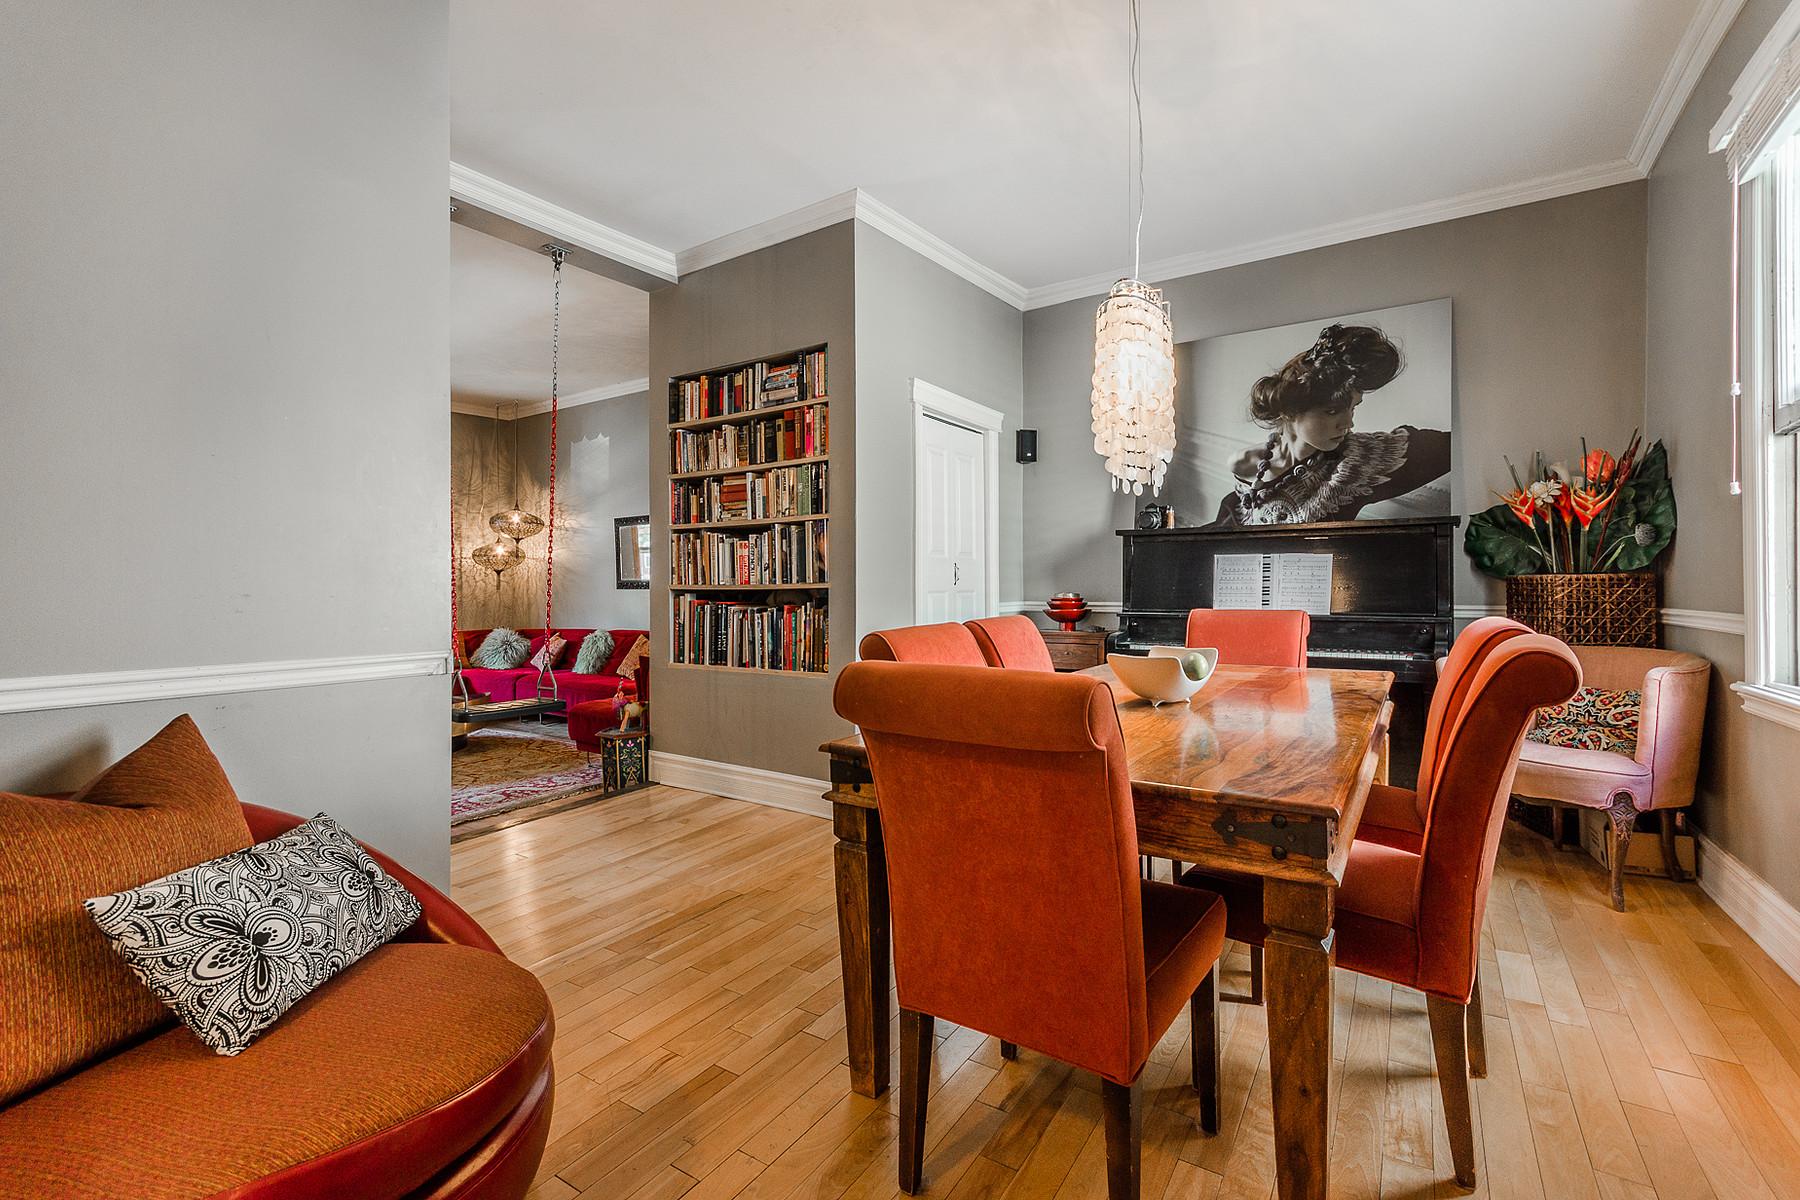 Single Family Home for Sale at Le Plateau-Mont-Royal, Montréal 4805 Rue de la Roche Le Plateau Mont Royal, Quebec H2J3J8 Canada